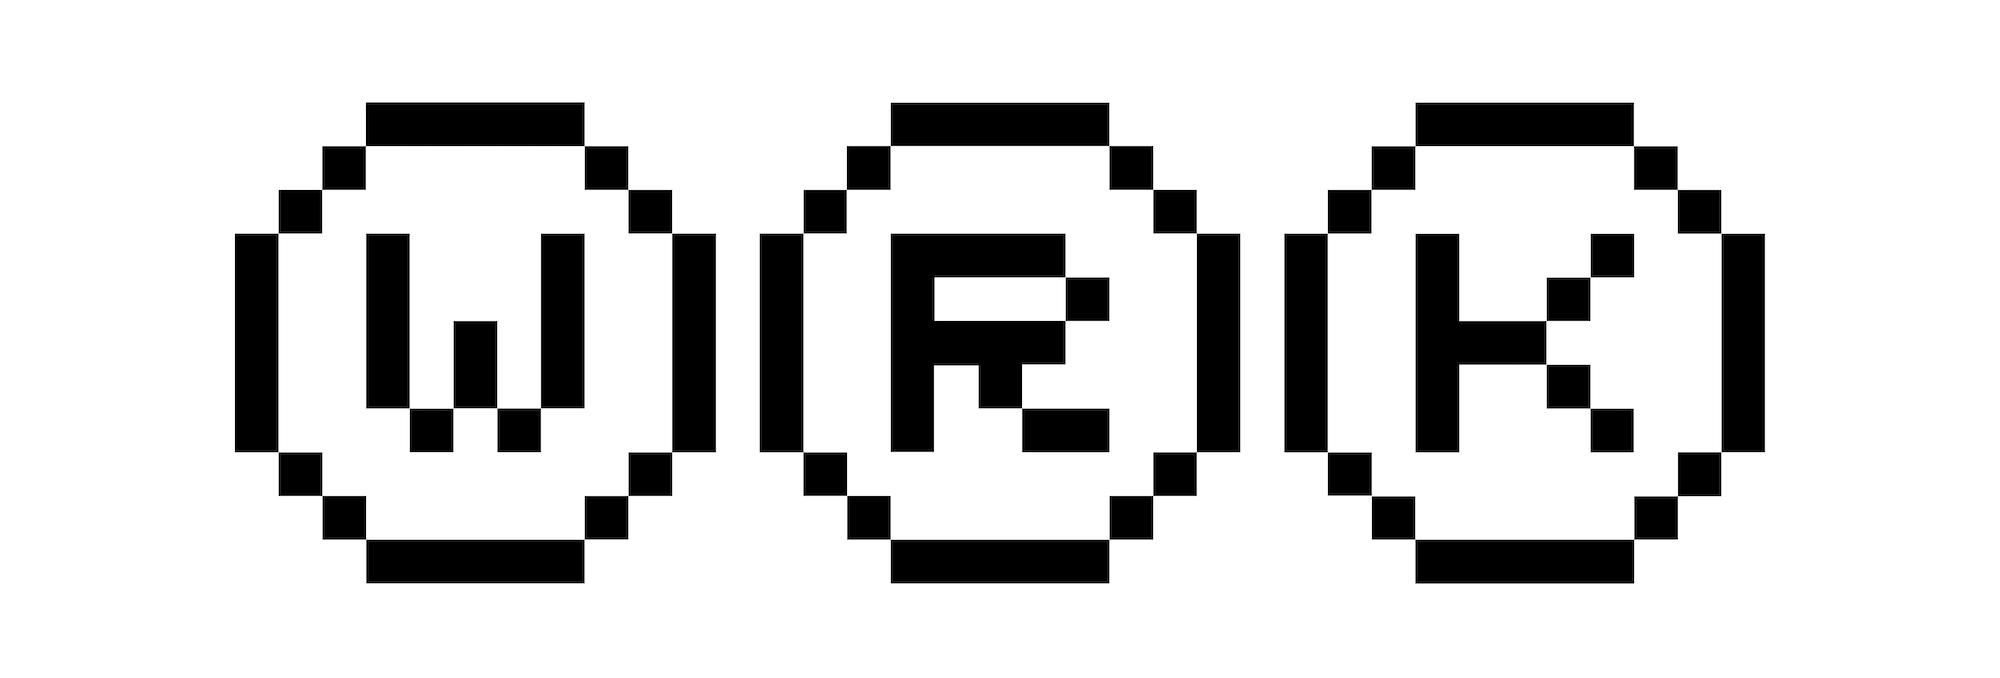 WK_Logofinals_v2